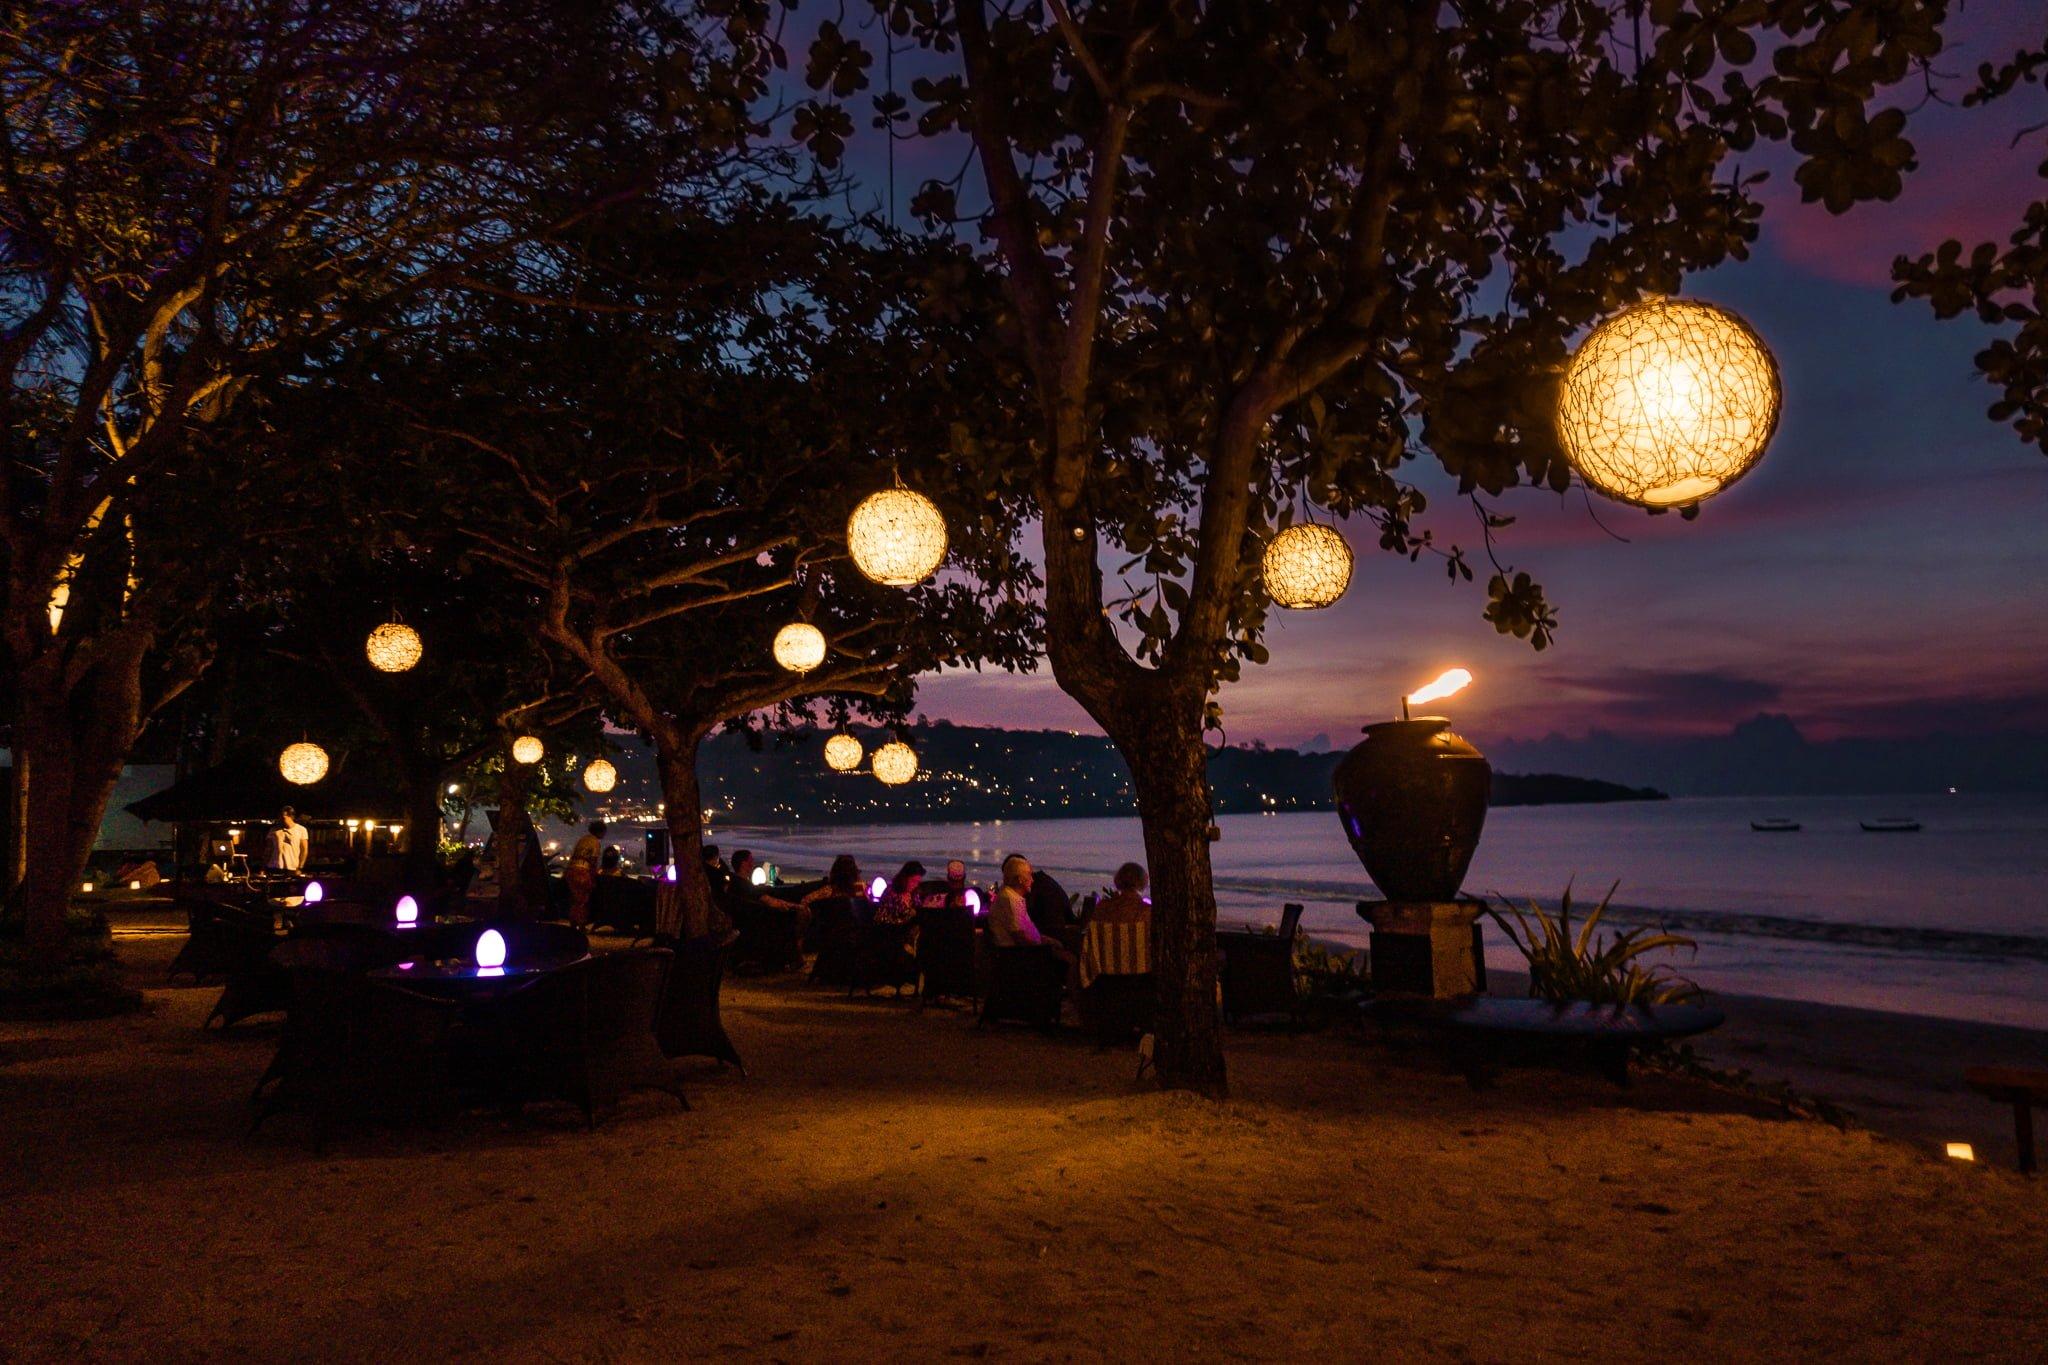 intercontinental bali,intercontinental bali resort, luxury accommodations bali, intercontinental indonesia, intercontinental jimbaran, bali accommodation deals, bali resorts